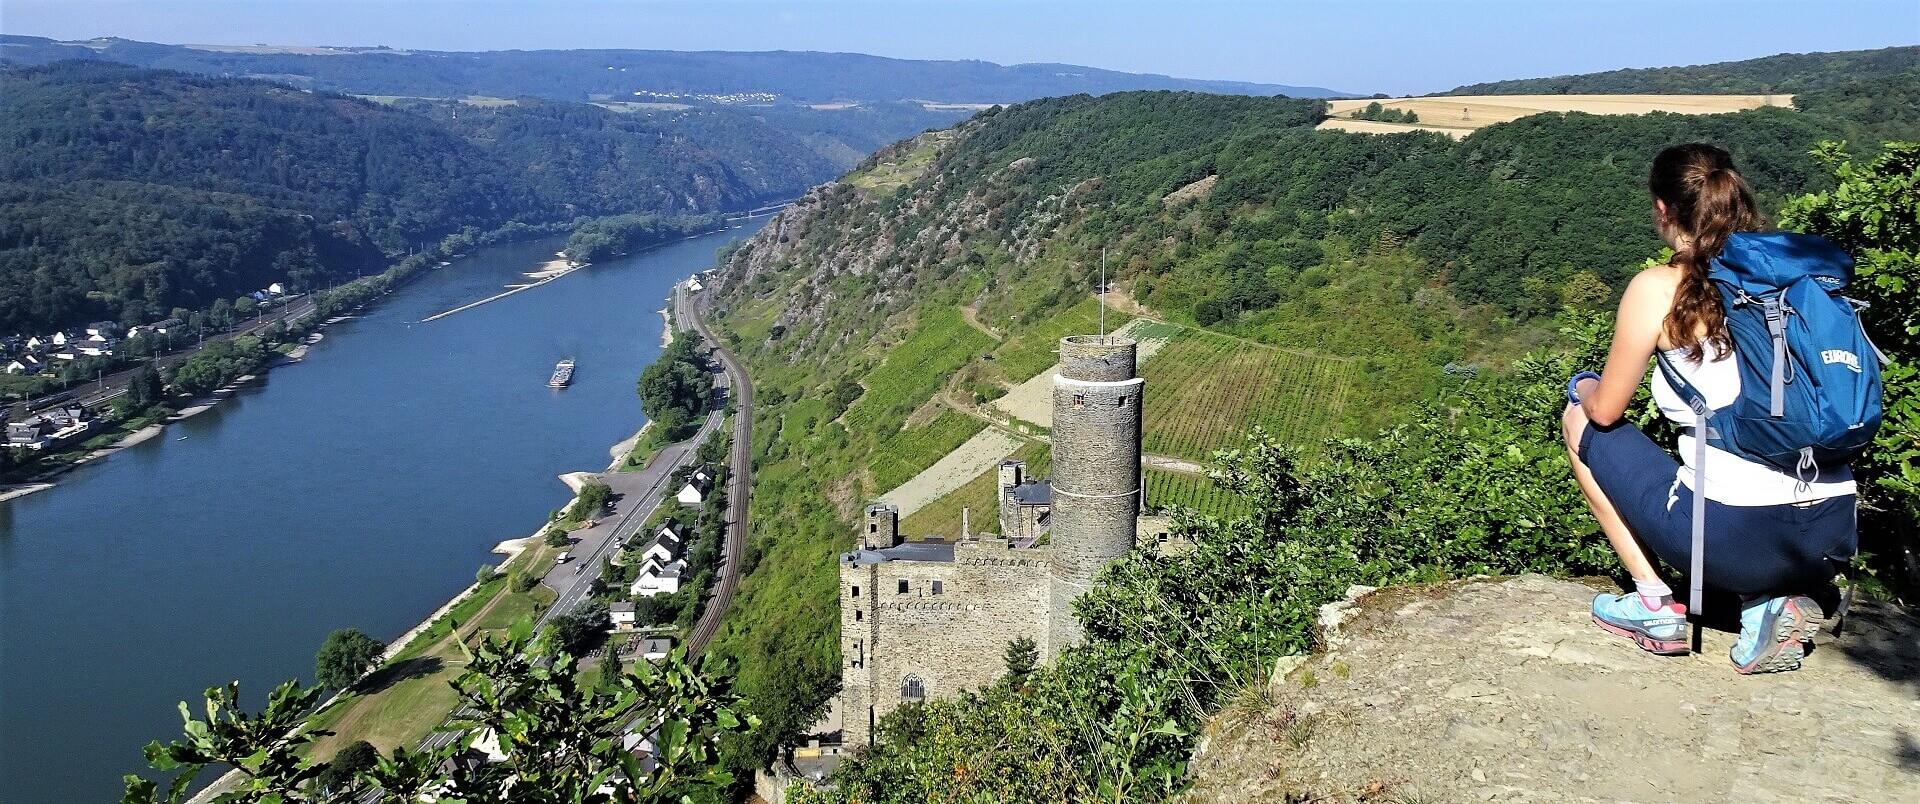 Vandring langs Rhinen